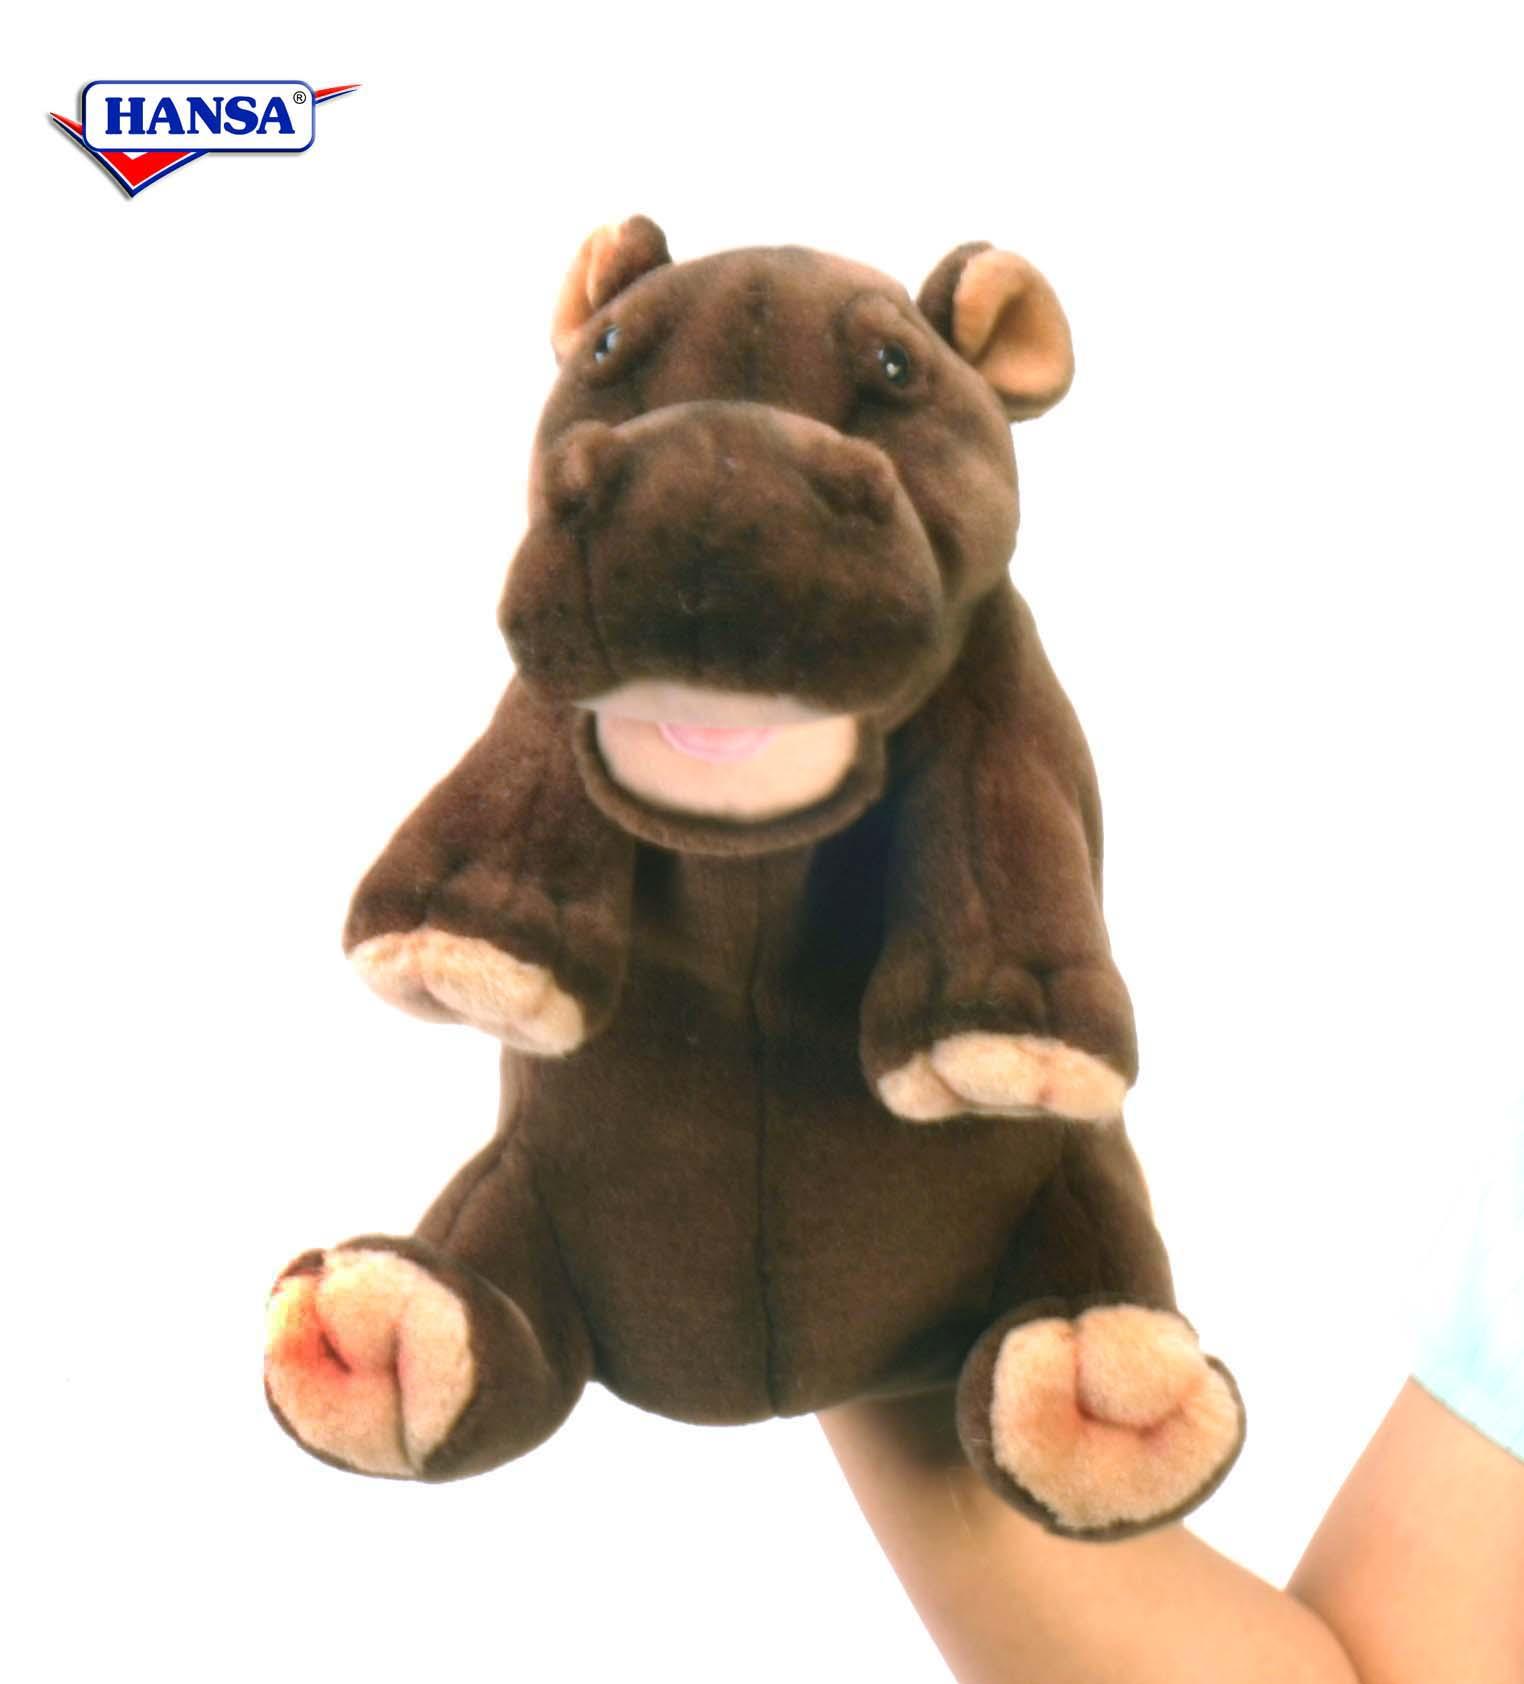 Купить Игрушка на руку - Гиппопотам, 24 см, Hansa